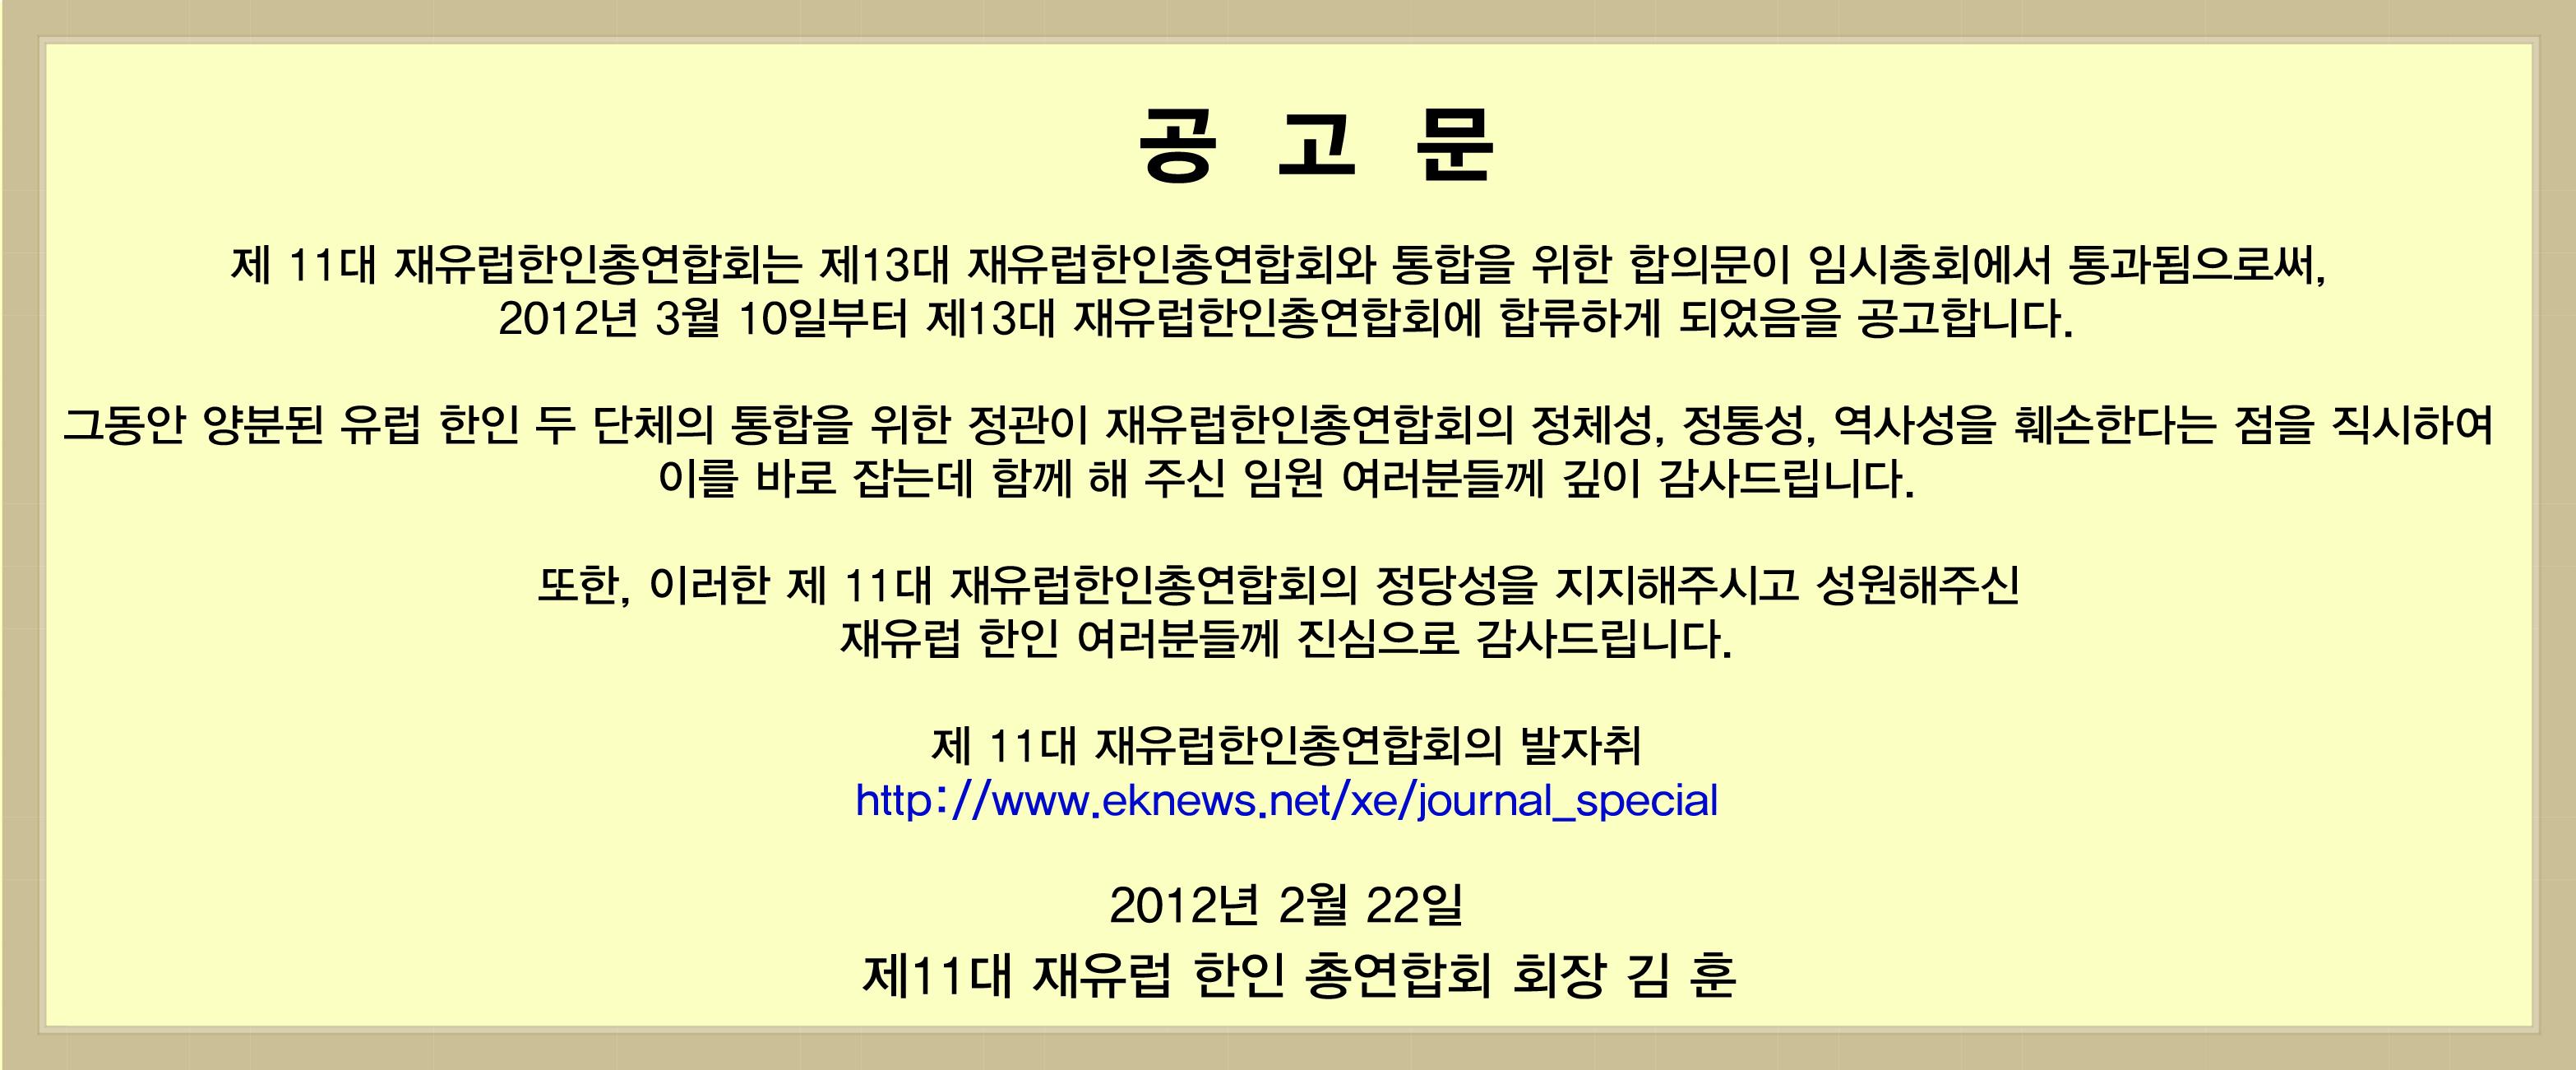 844-유총연공고문.jpg